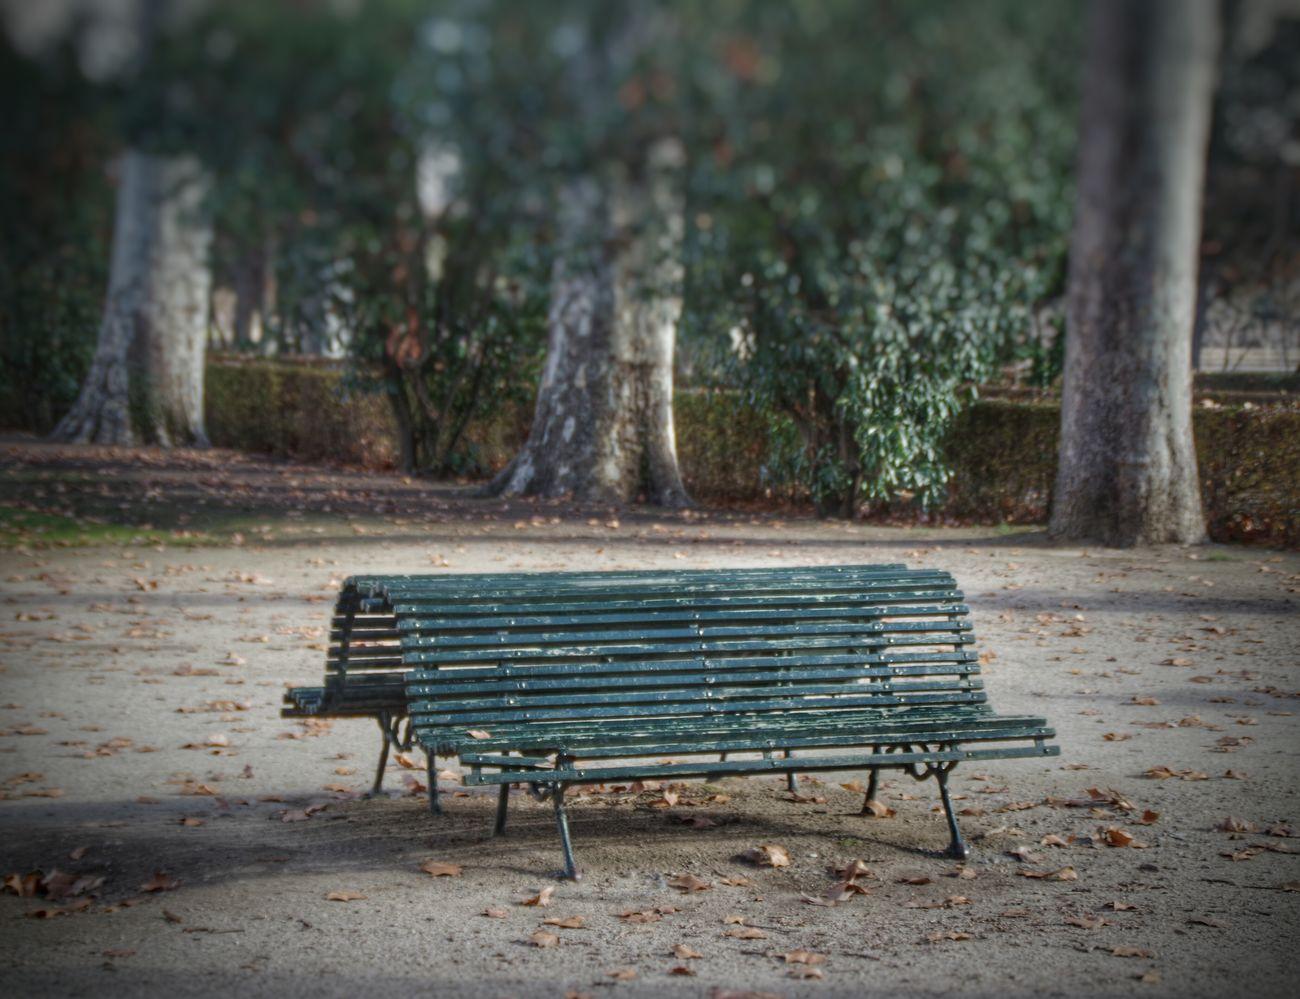 Bench in the Aranjuez gardens. Banco en los jardines de Aranjuez Aranjuez Bench Banco